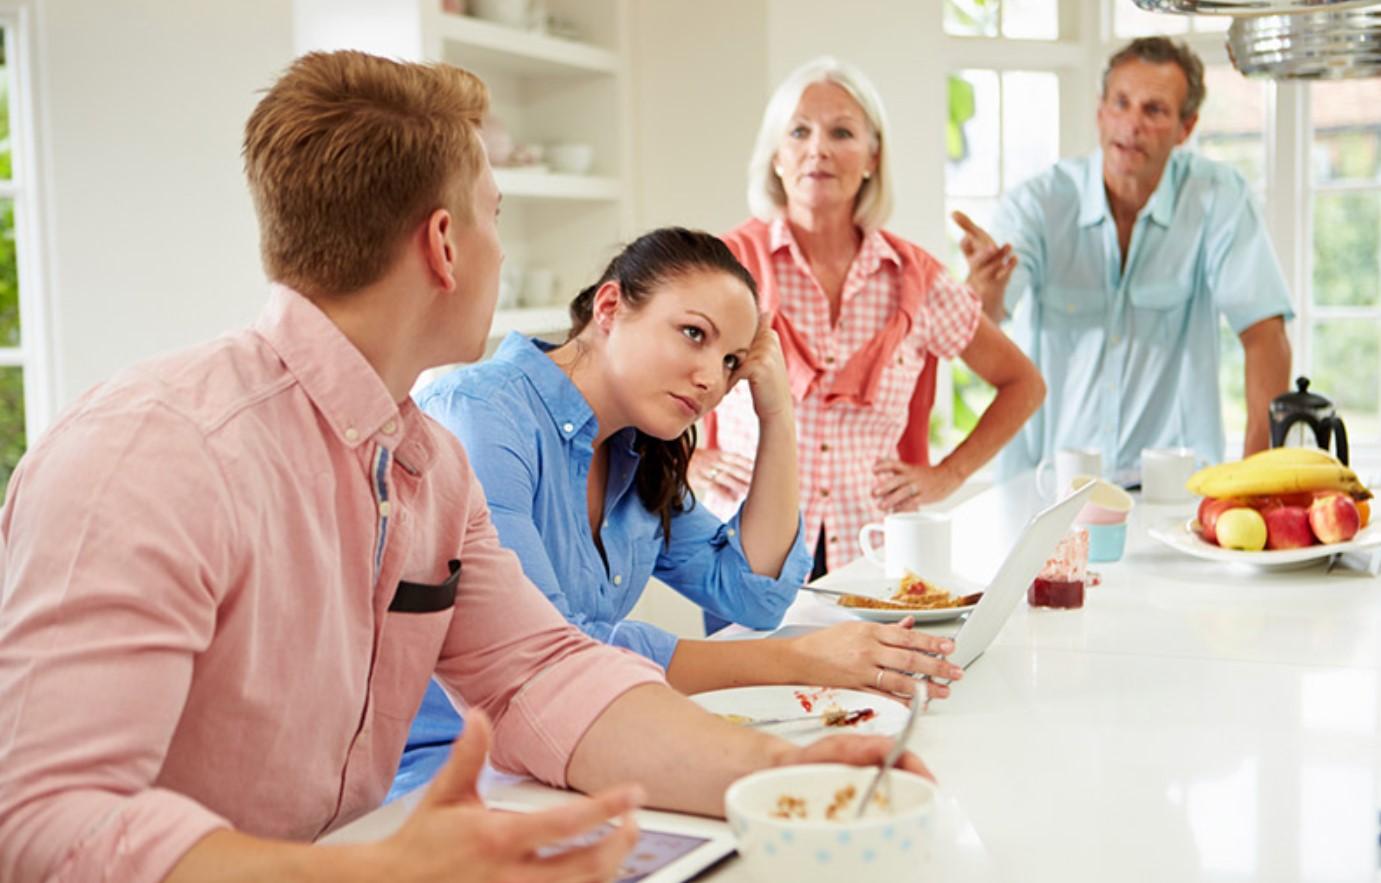 Toksyczna rodzina - jak rozpoznać